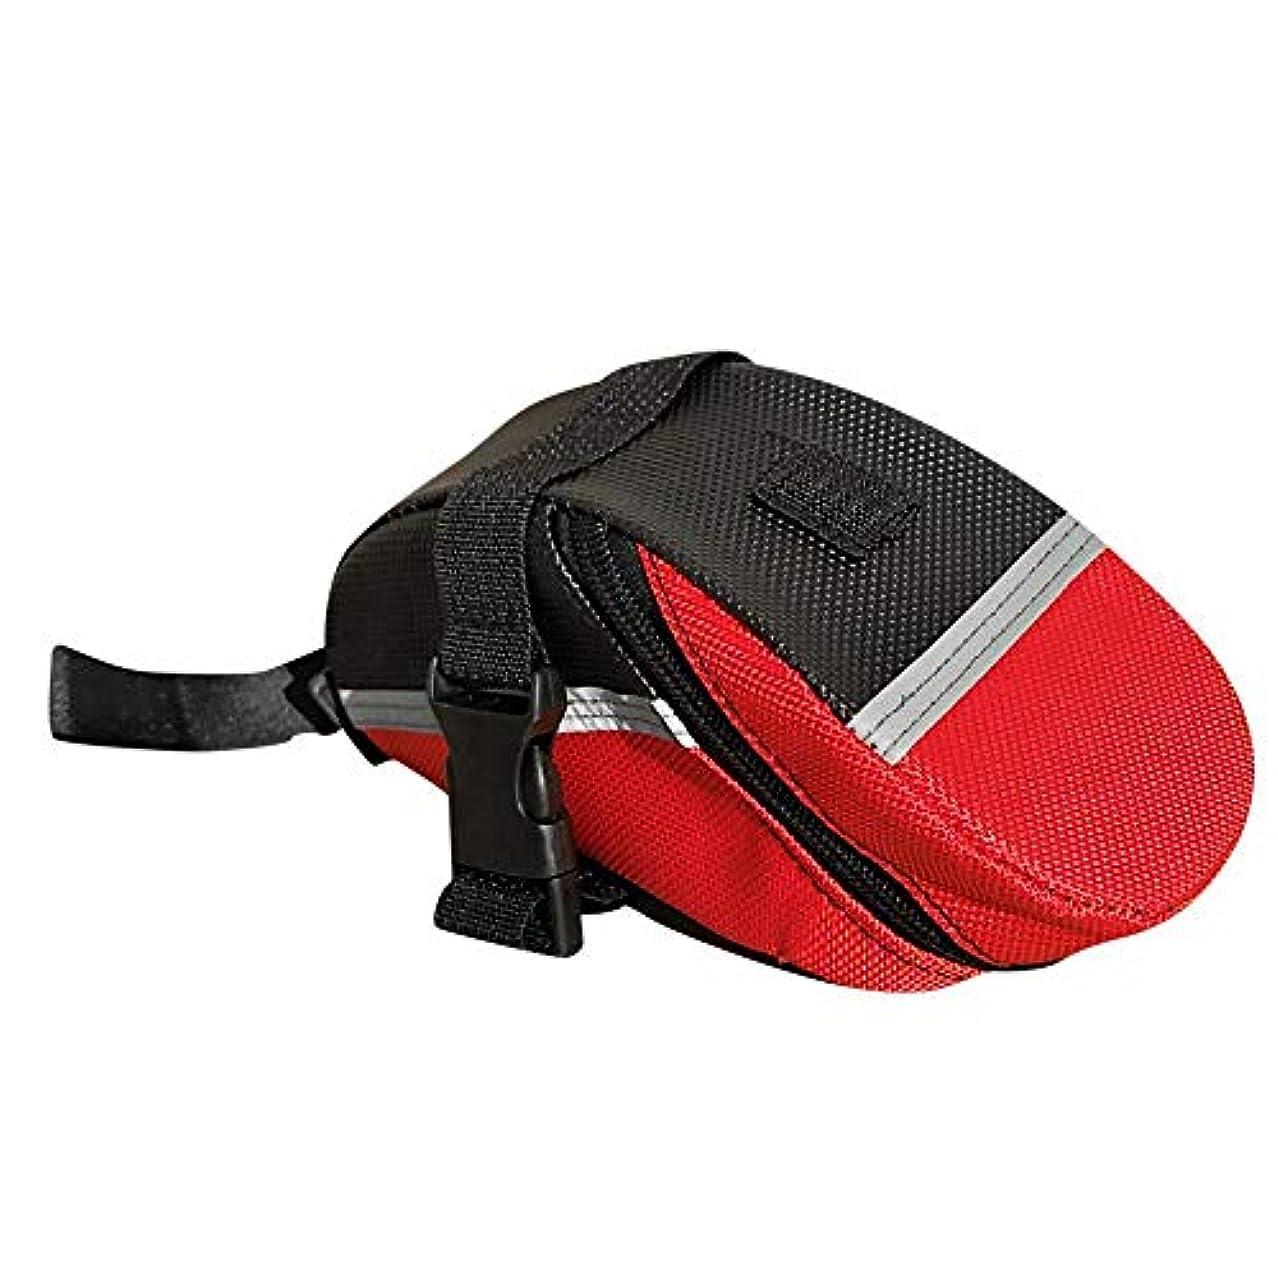 番号ピアース維持3色防水自転車テールバッグマウンテンバイク自転車シートサドルバッグナイロン自転車収納袋ロードバイクアクセサリー 3